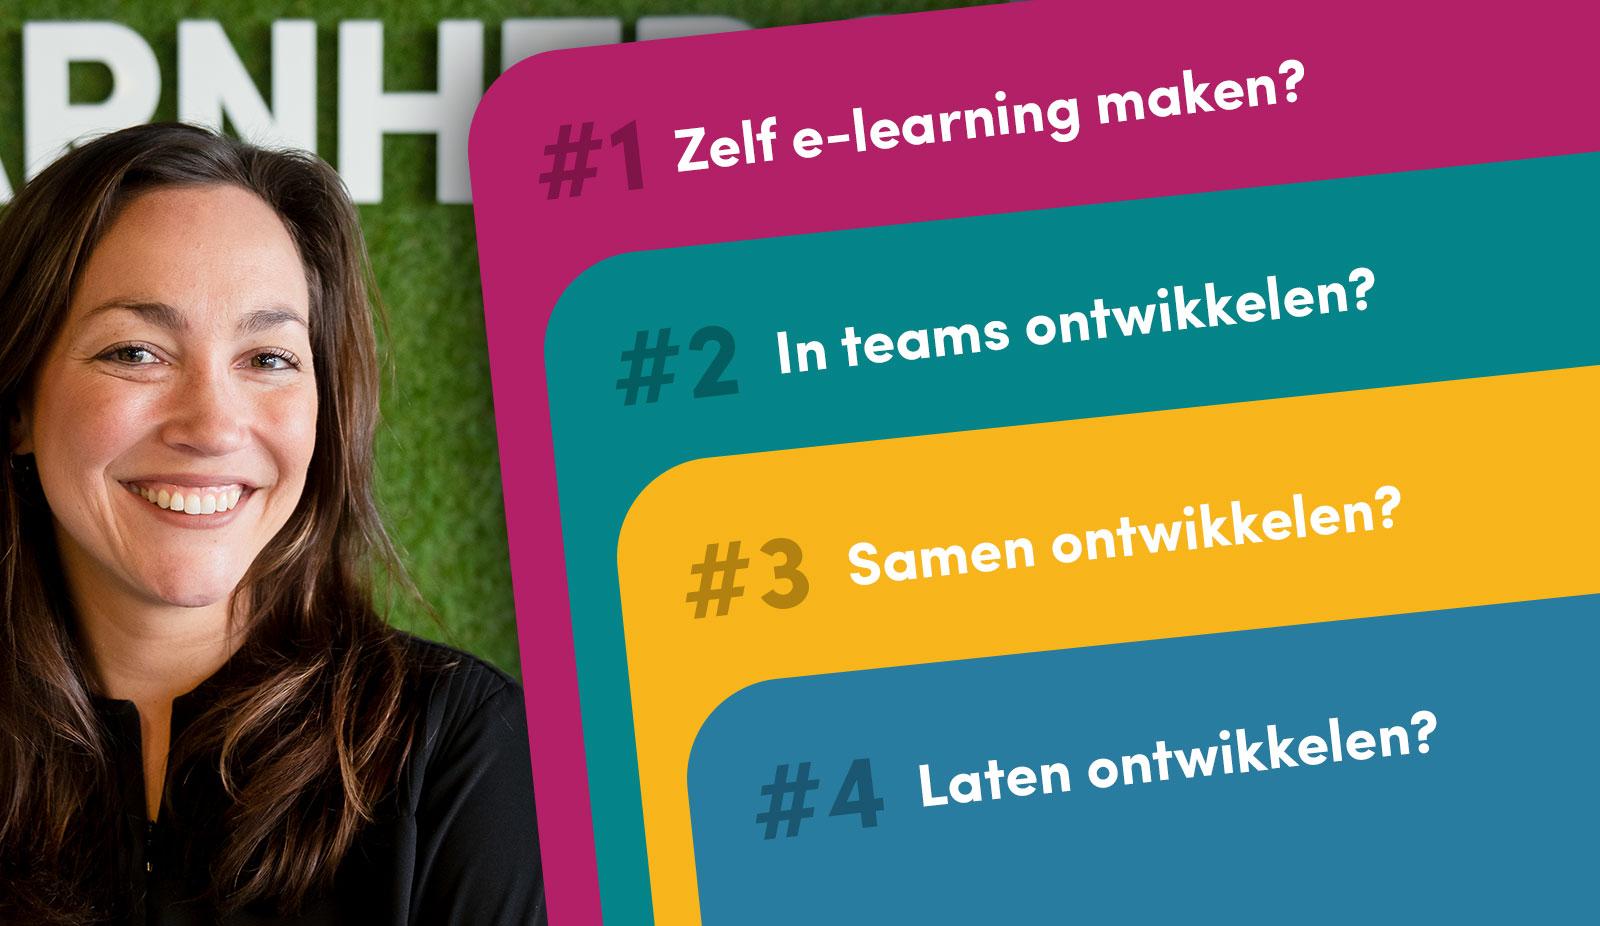 E-learning is booming, benieuwd waar bedrijven e-learning voor inzetten?!